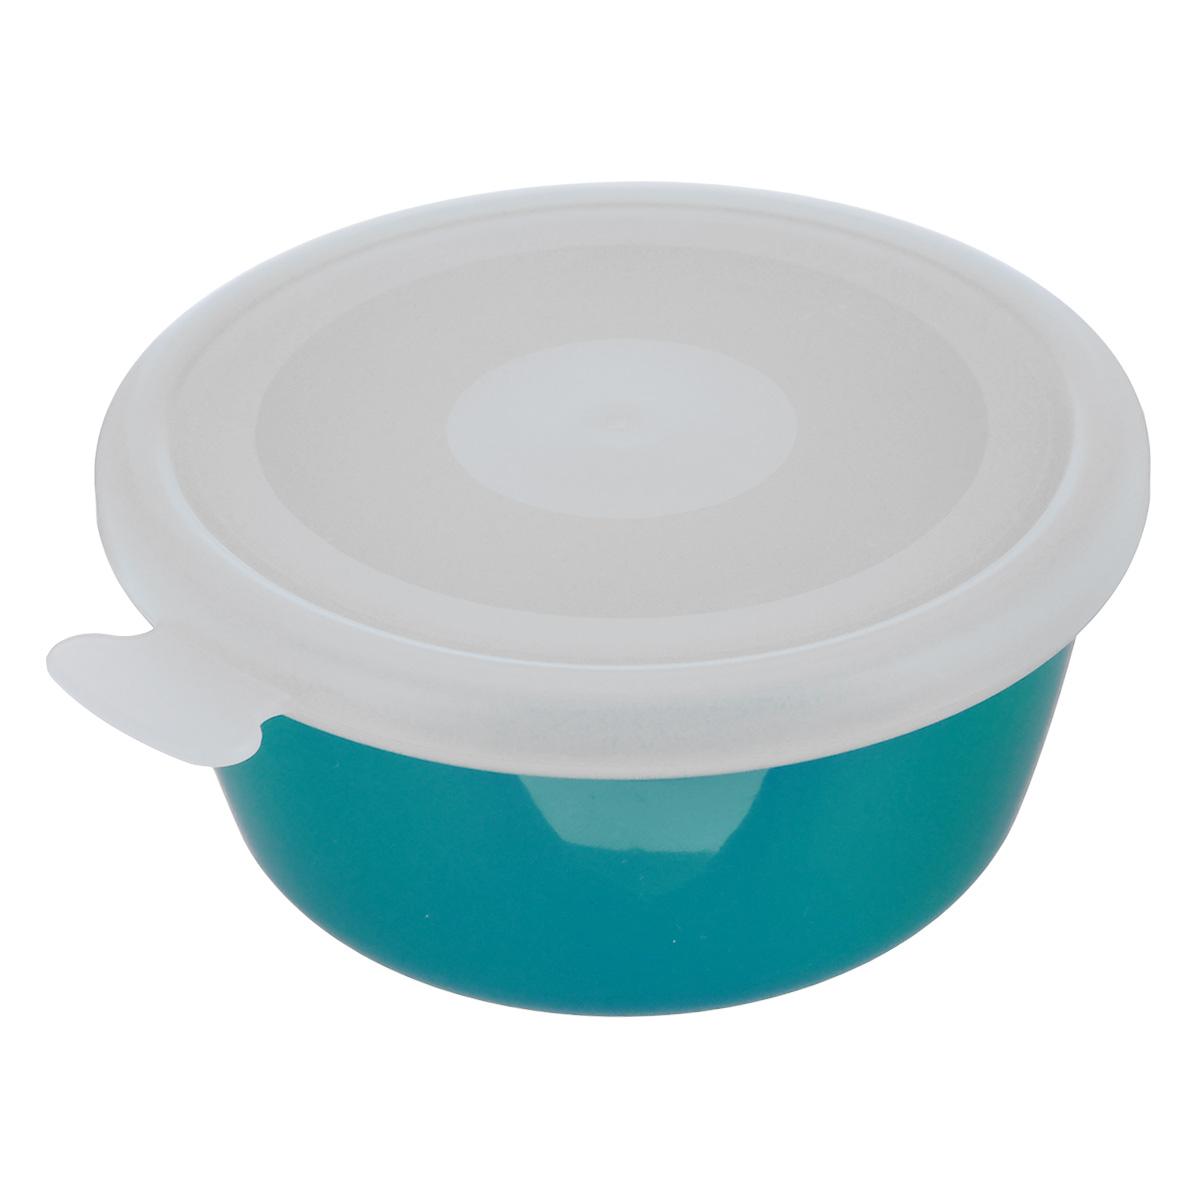 Миска Idea Прованс, с крышкой, цвет: бирюзовый, 350 млМ 1380Миска круглой формы Idea Прованс изготовлена из высококачественного пищевого пластика. Изделие очень функциональное, оно пригодится на кухне для самых разнообразных нужд: в качестве салатника, миски, тарелки. Герметичная крышка обеспечивает продуктам долгий срок хранения.Диаметр миски: 11,5 см.Высота миски: 5,5 см.